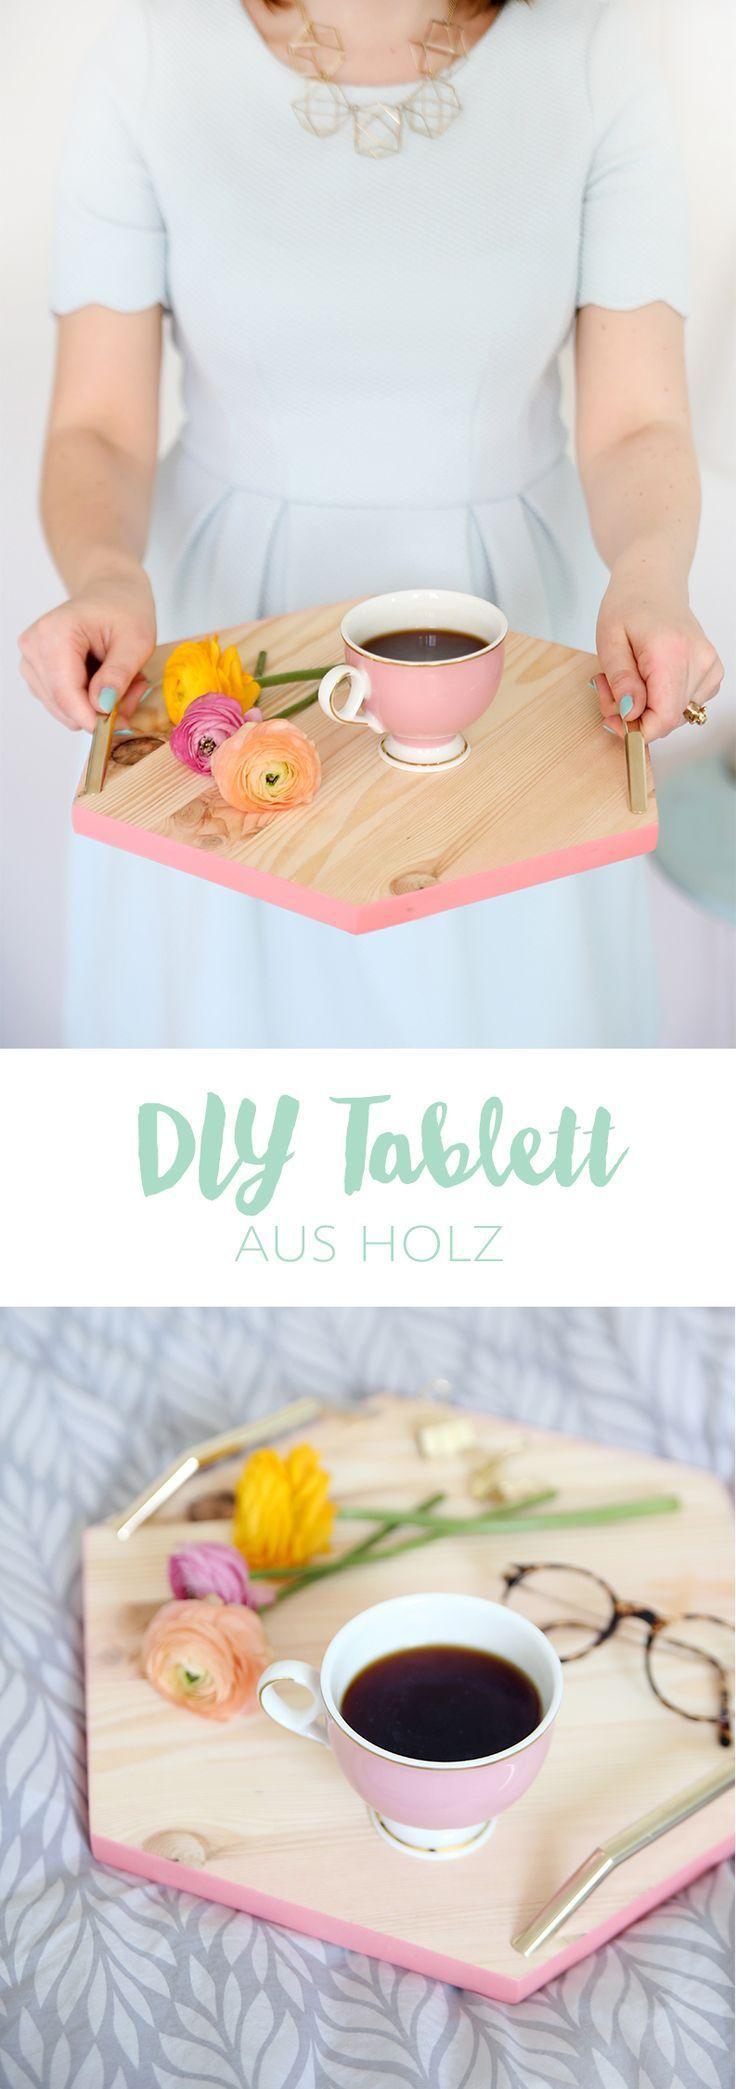 {DIY} Hexagon-Tablett aus Holz einfach selbstgemacht | mein feenstaub